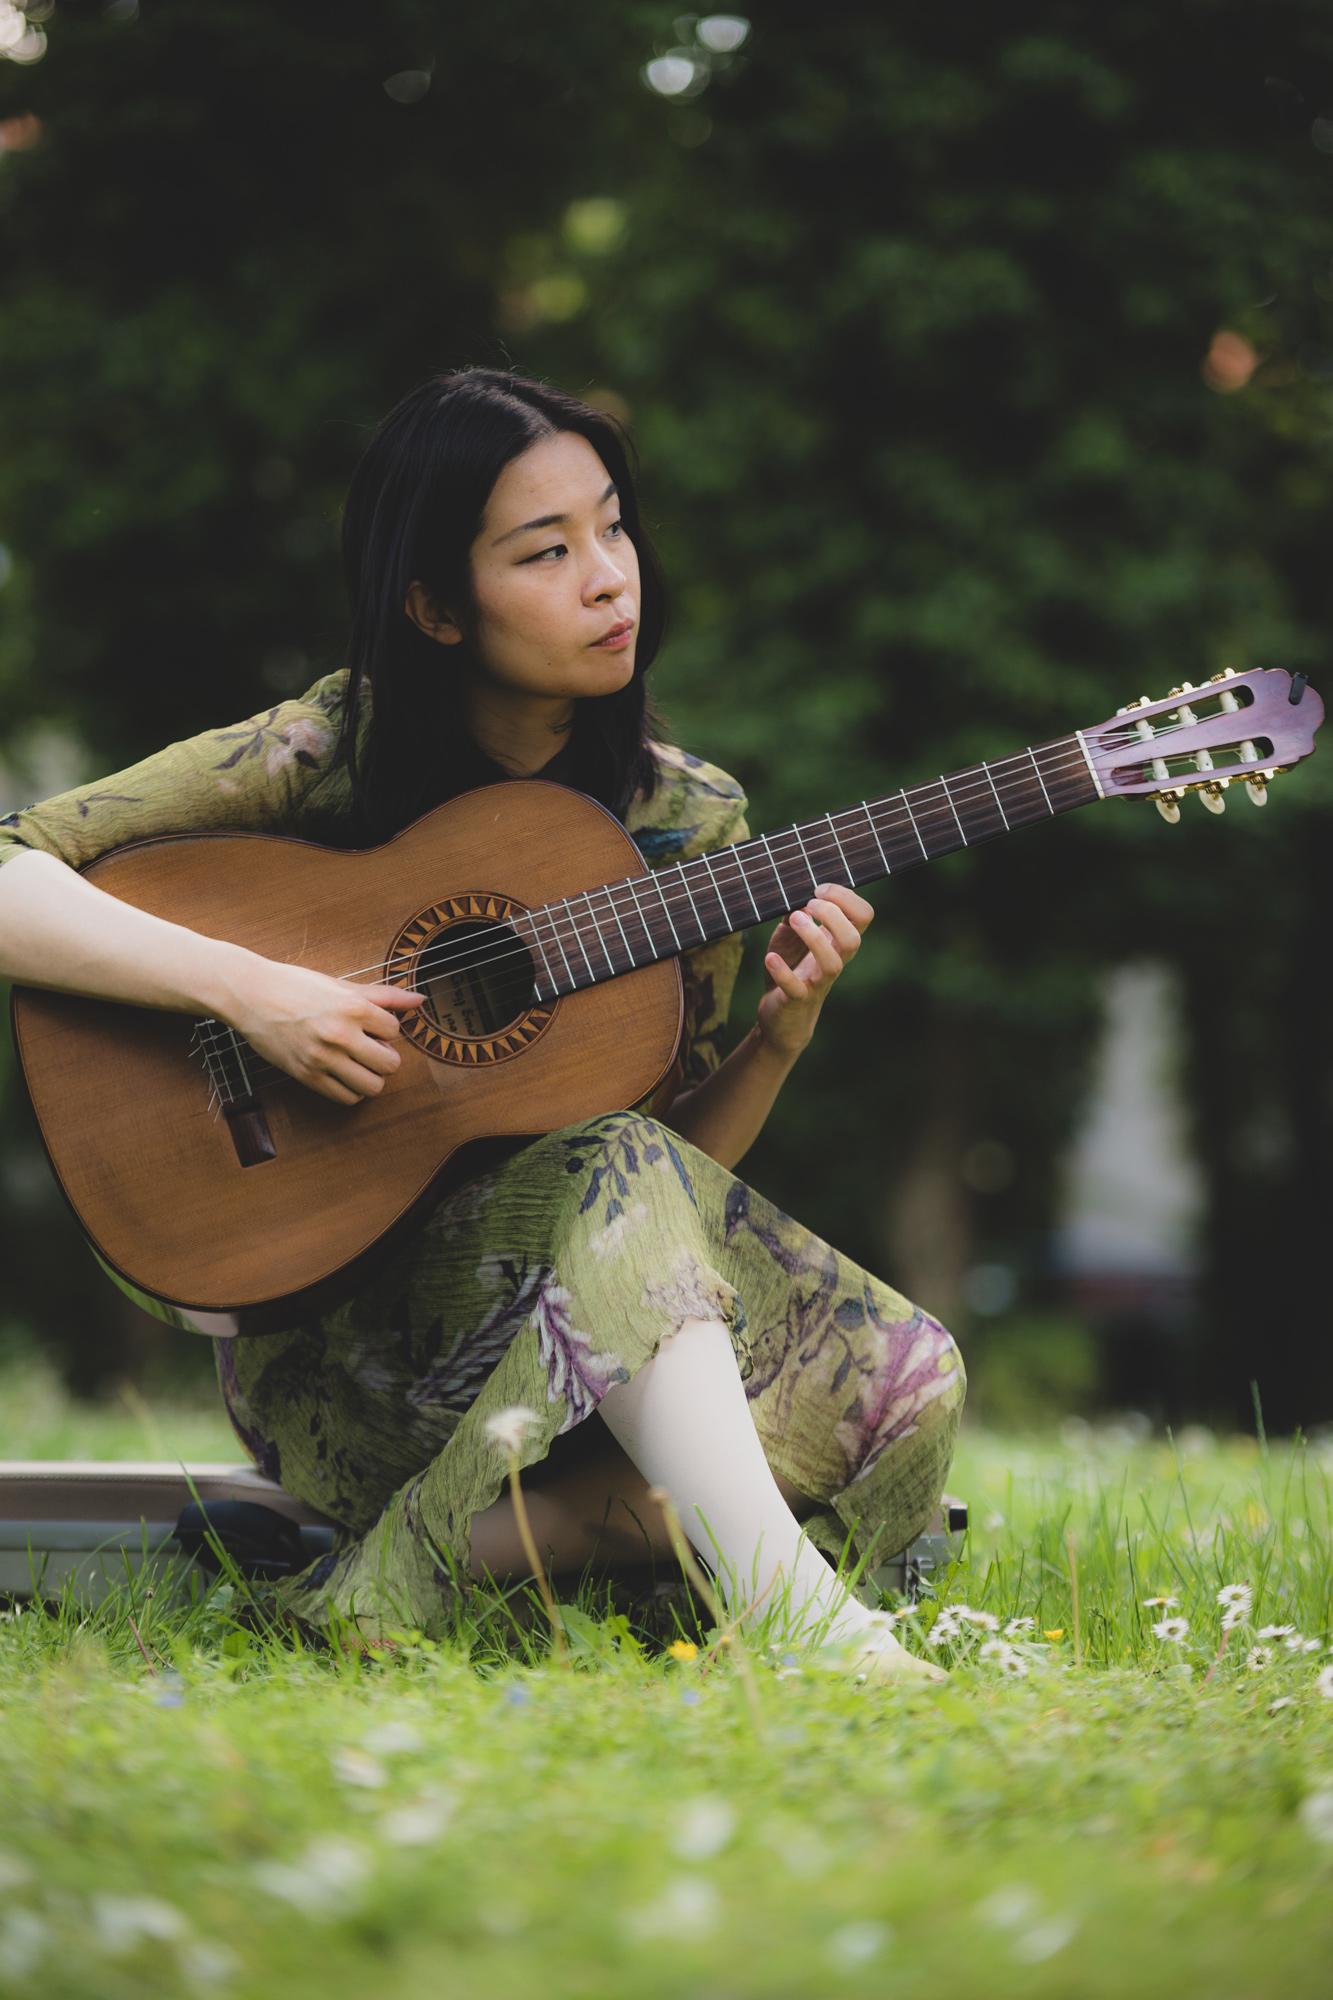 Portraitshooting | Yunjia Liu